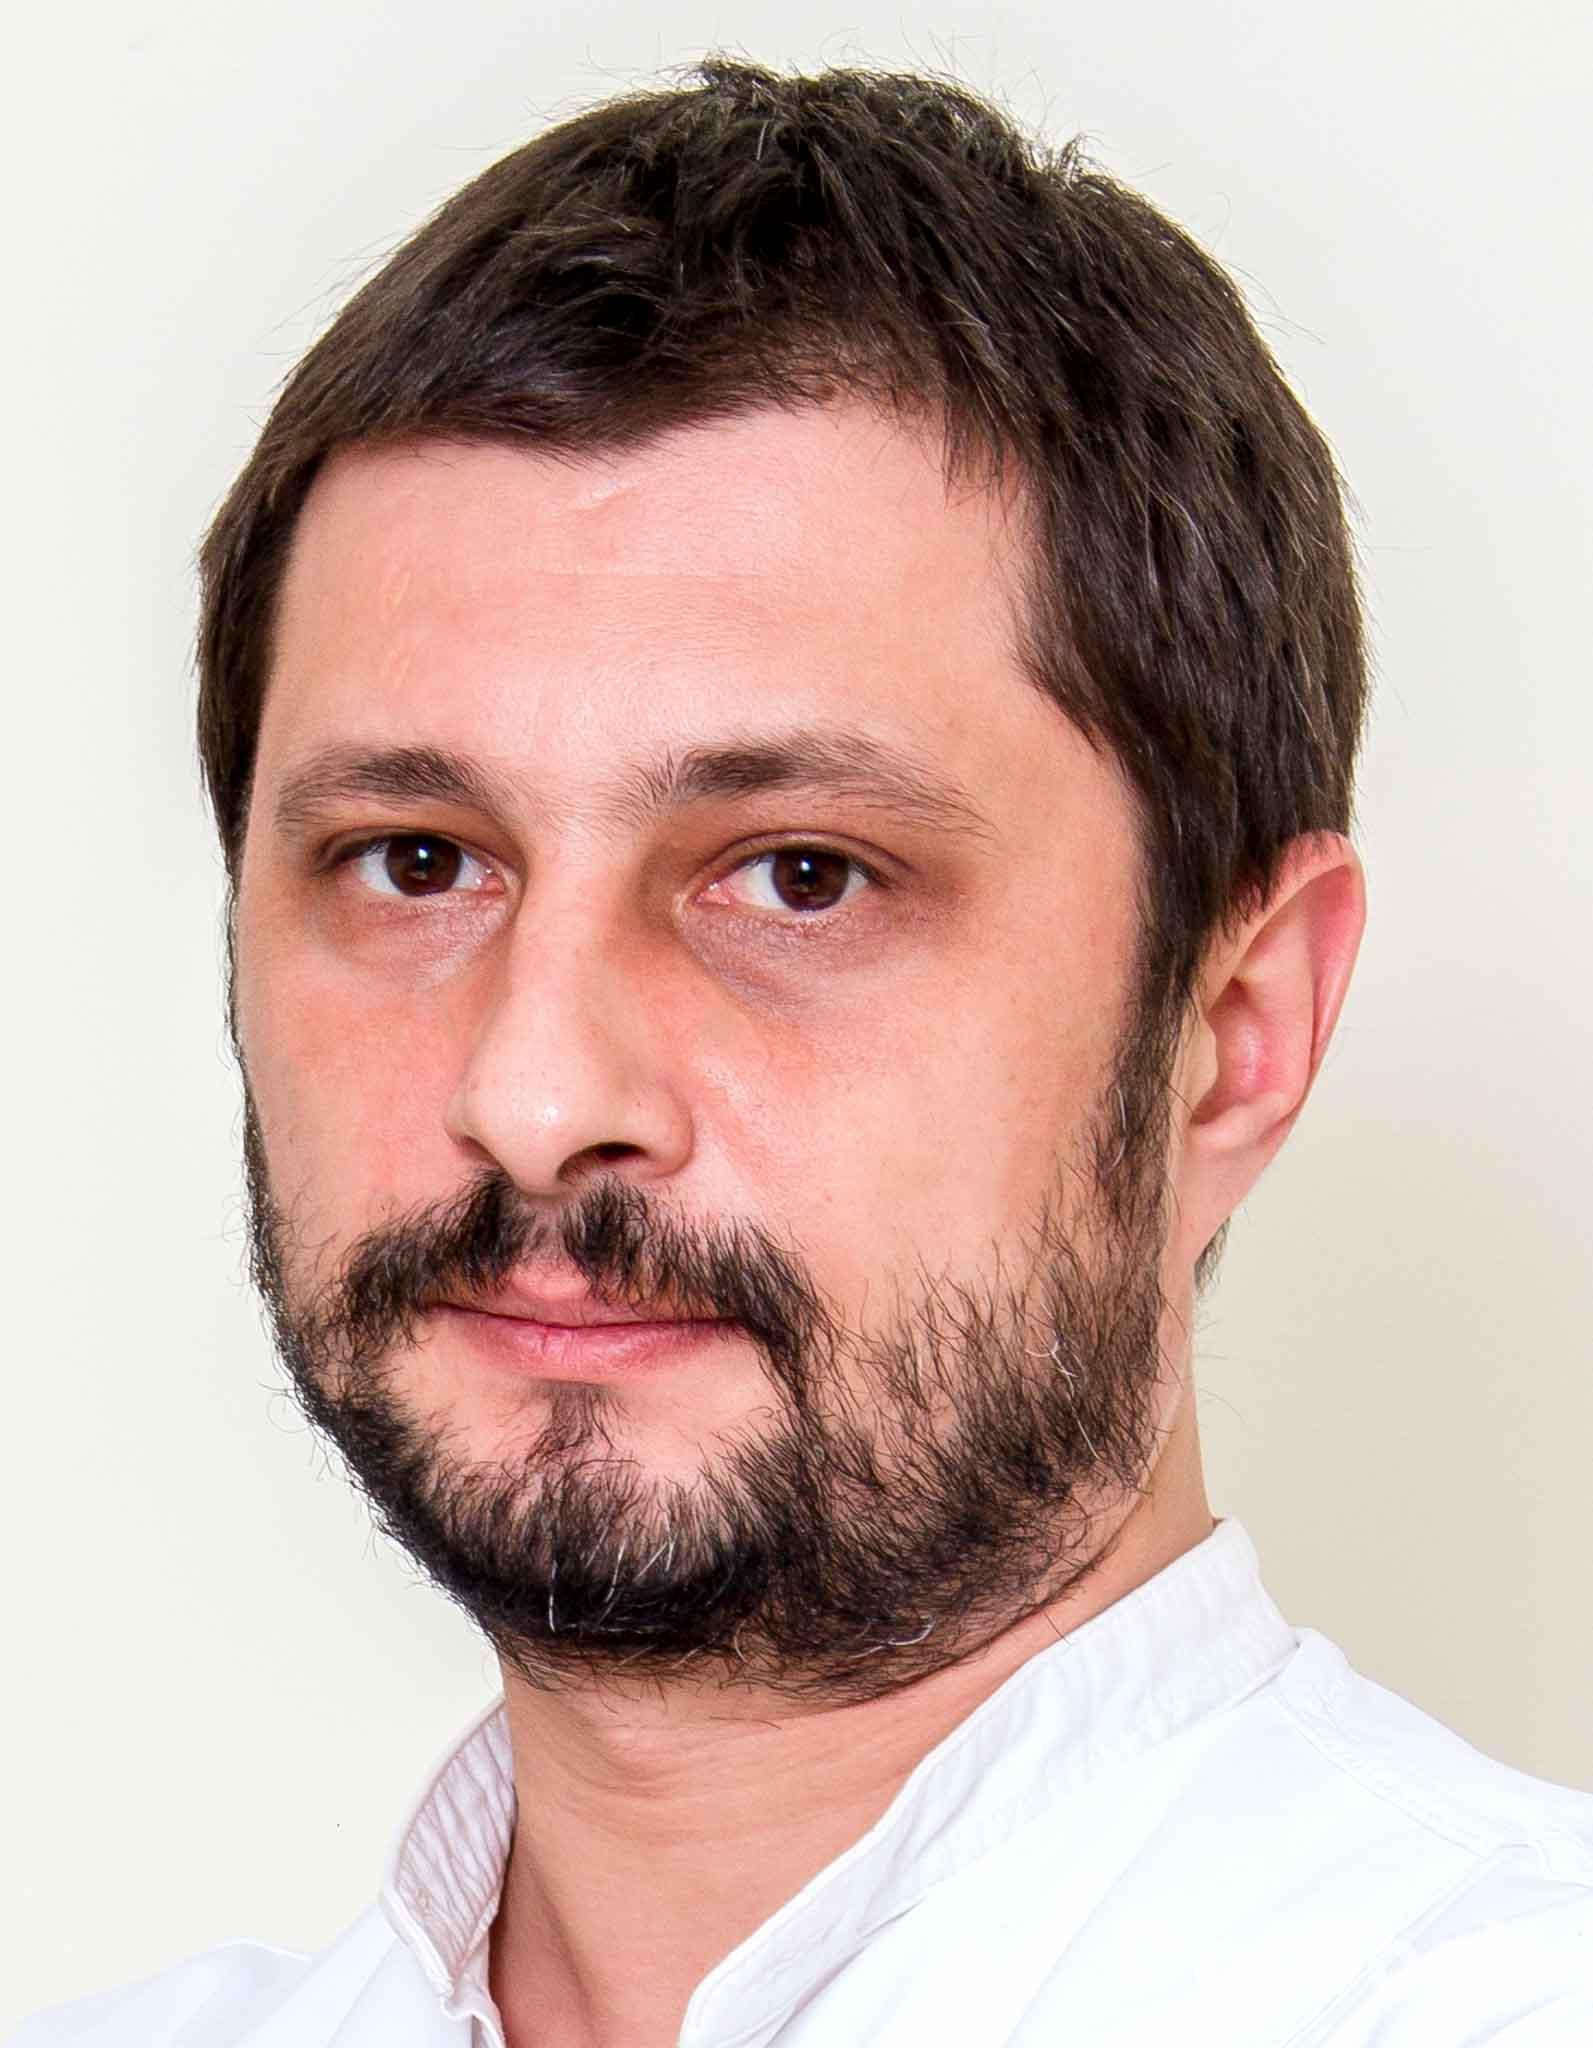 Dr. Dan Dumitrascu